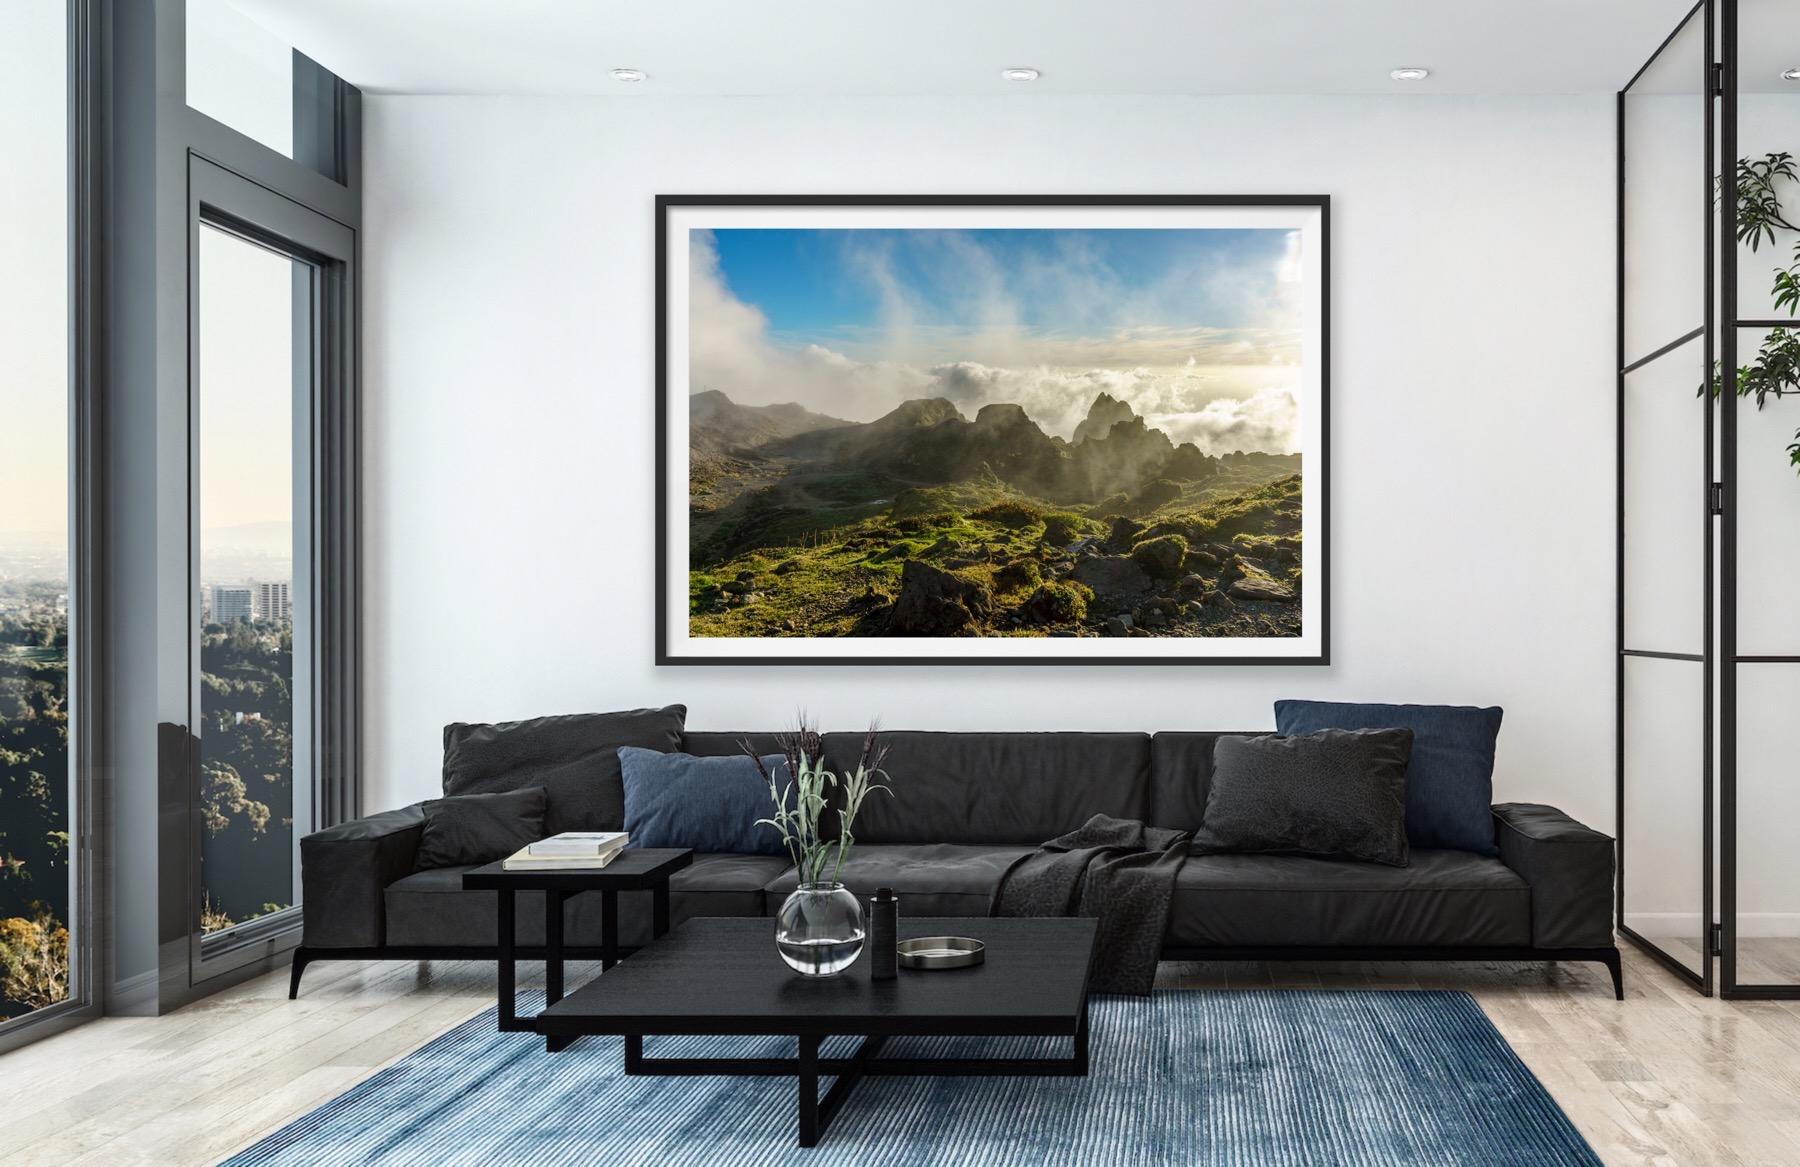 LausannePhoto-tableau-photo-decoration-mur-art-voyage-deco-creation-photographie